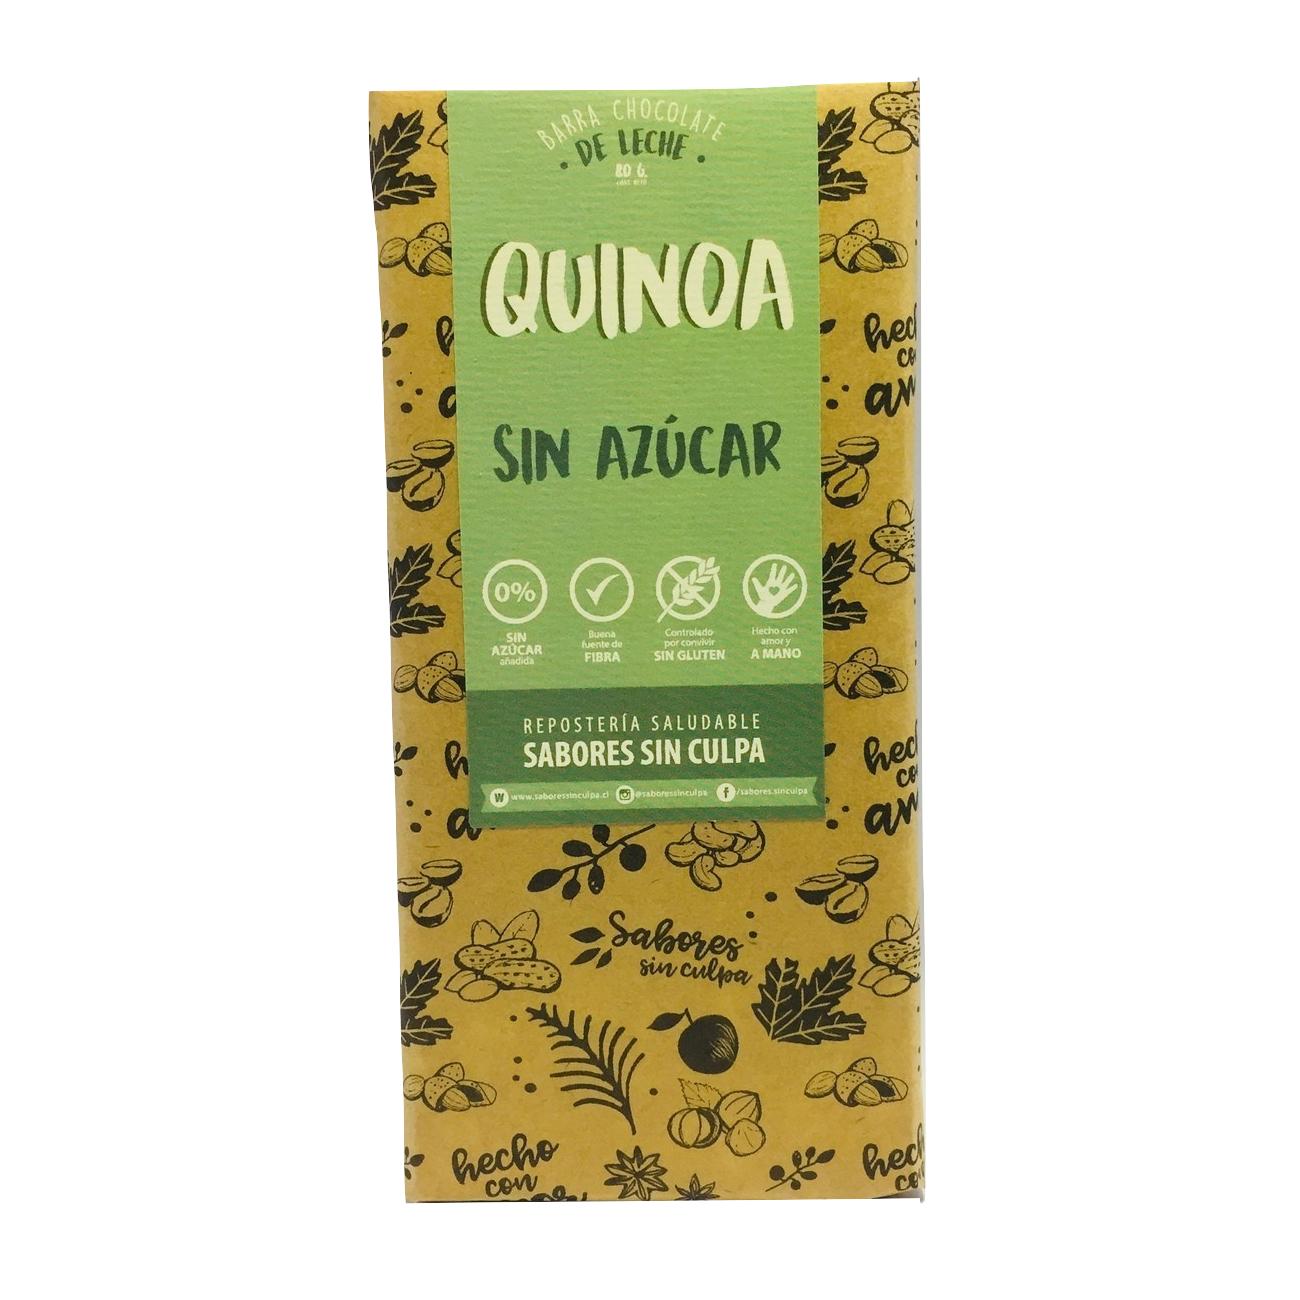 Chocolate de Leche Quinoa Sin Azúcar Sabores Sin Culpa